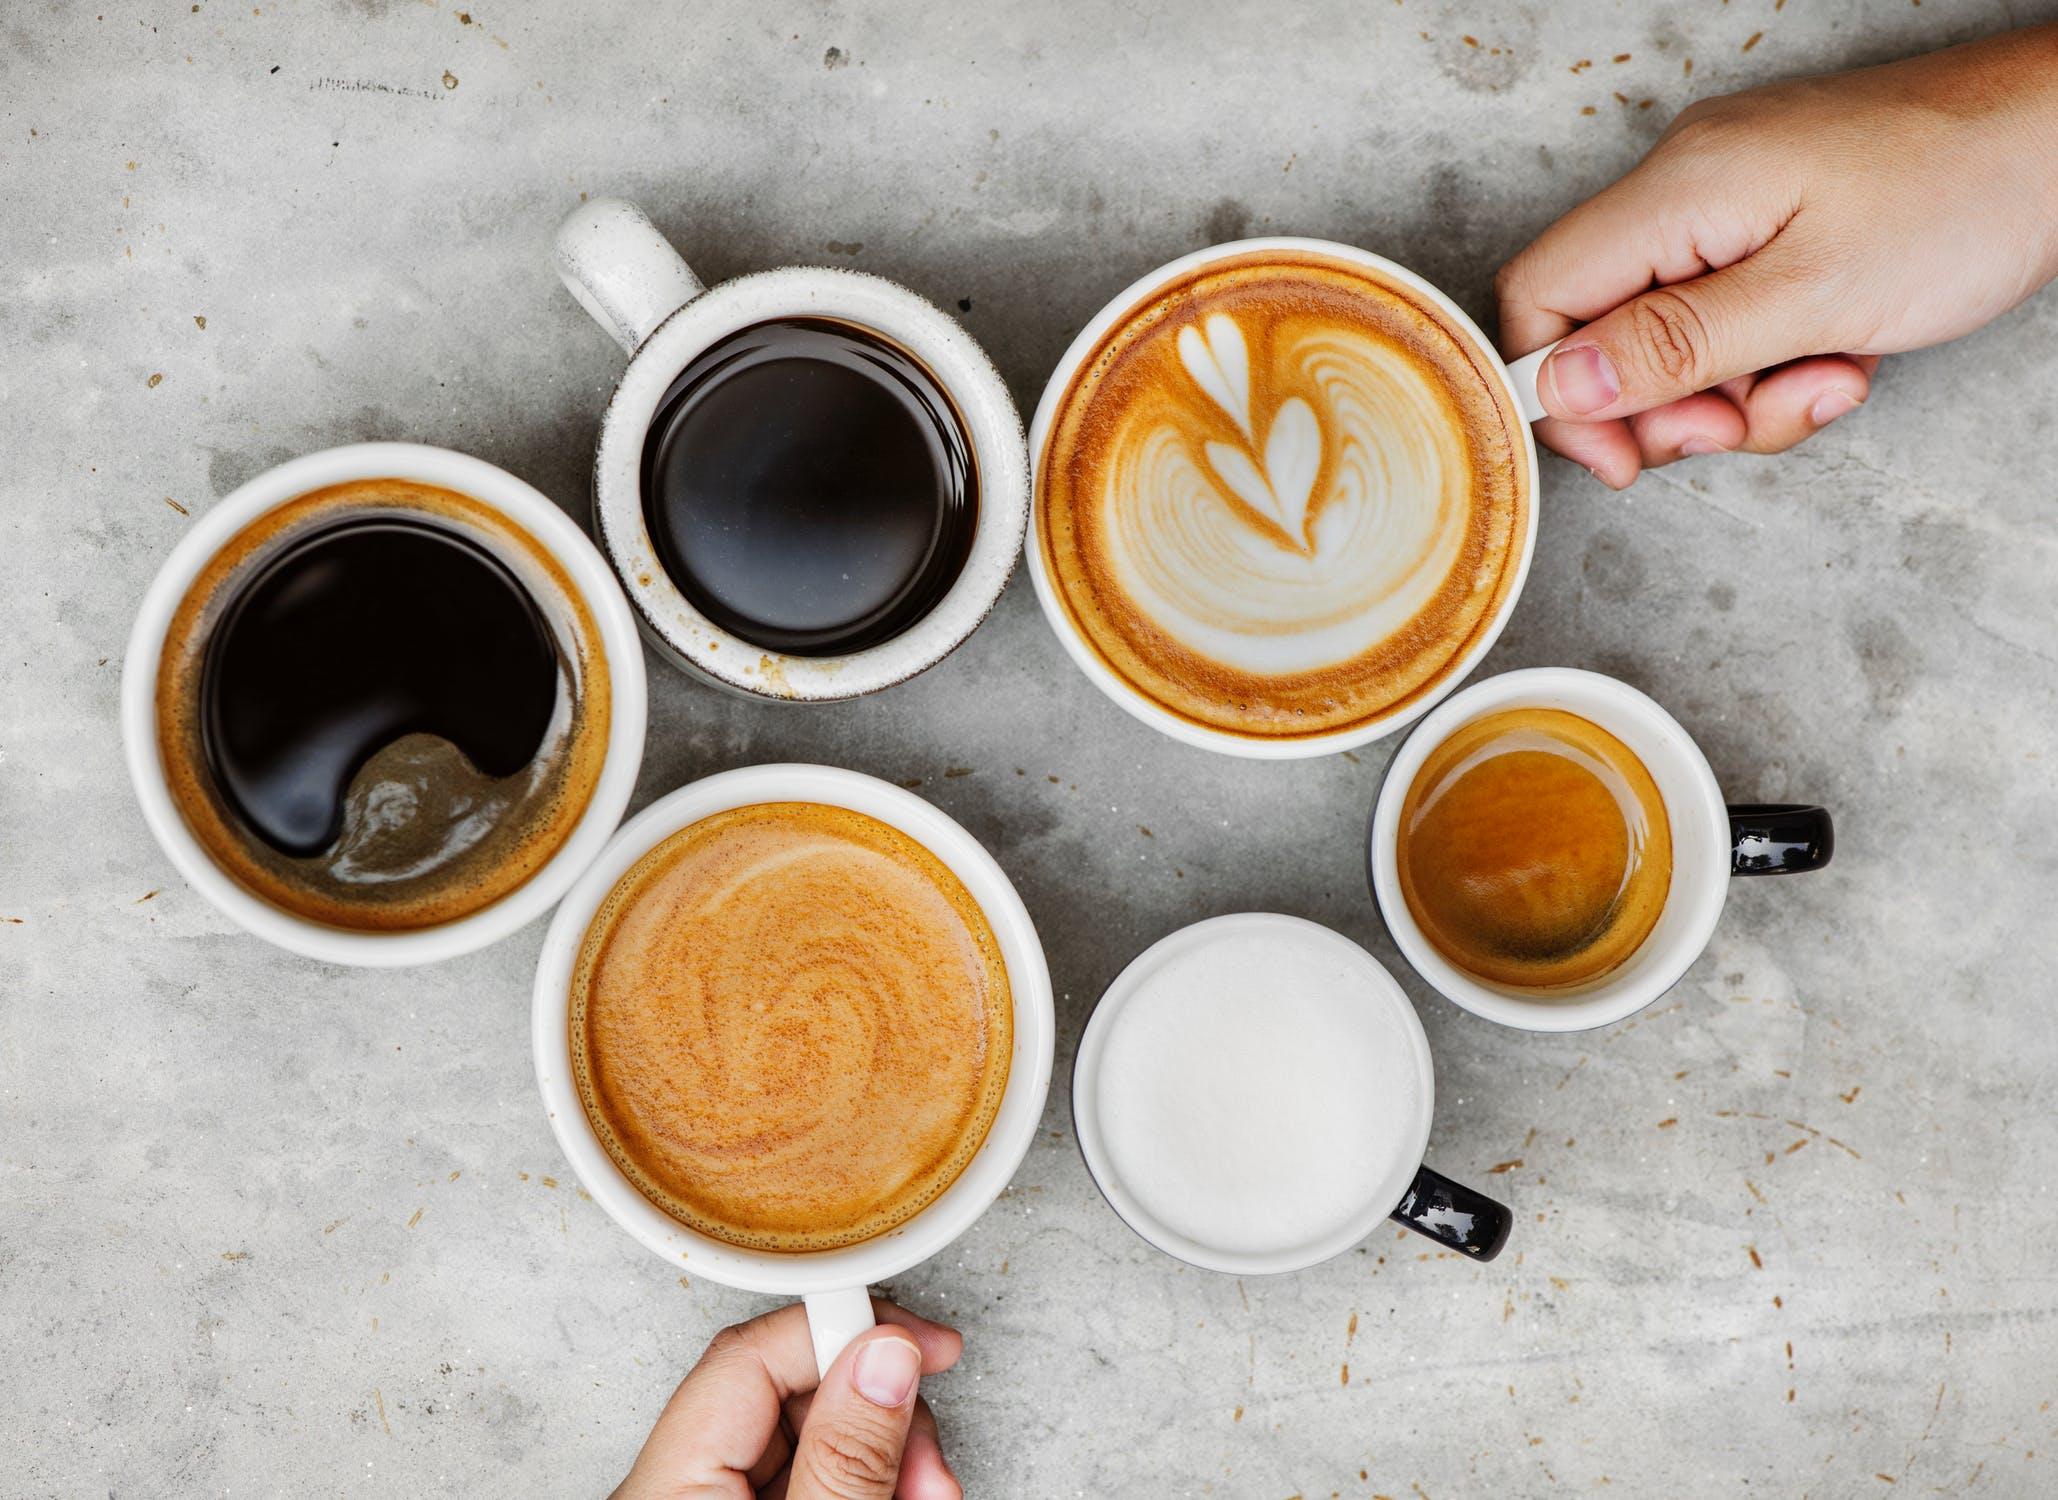 cual es el mejor cafe para adelgazar